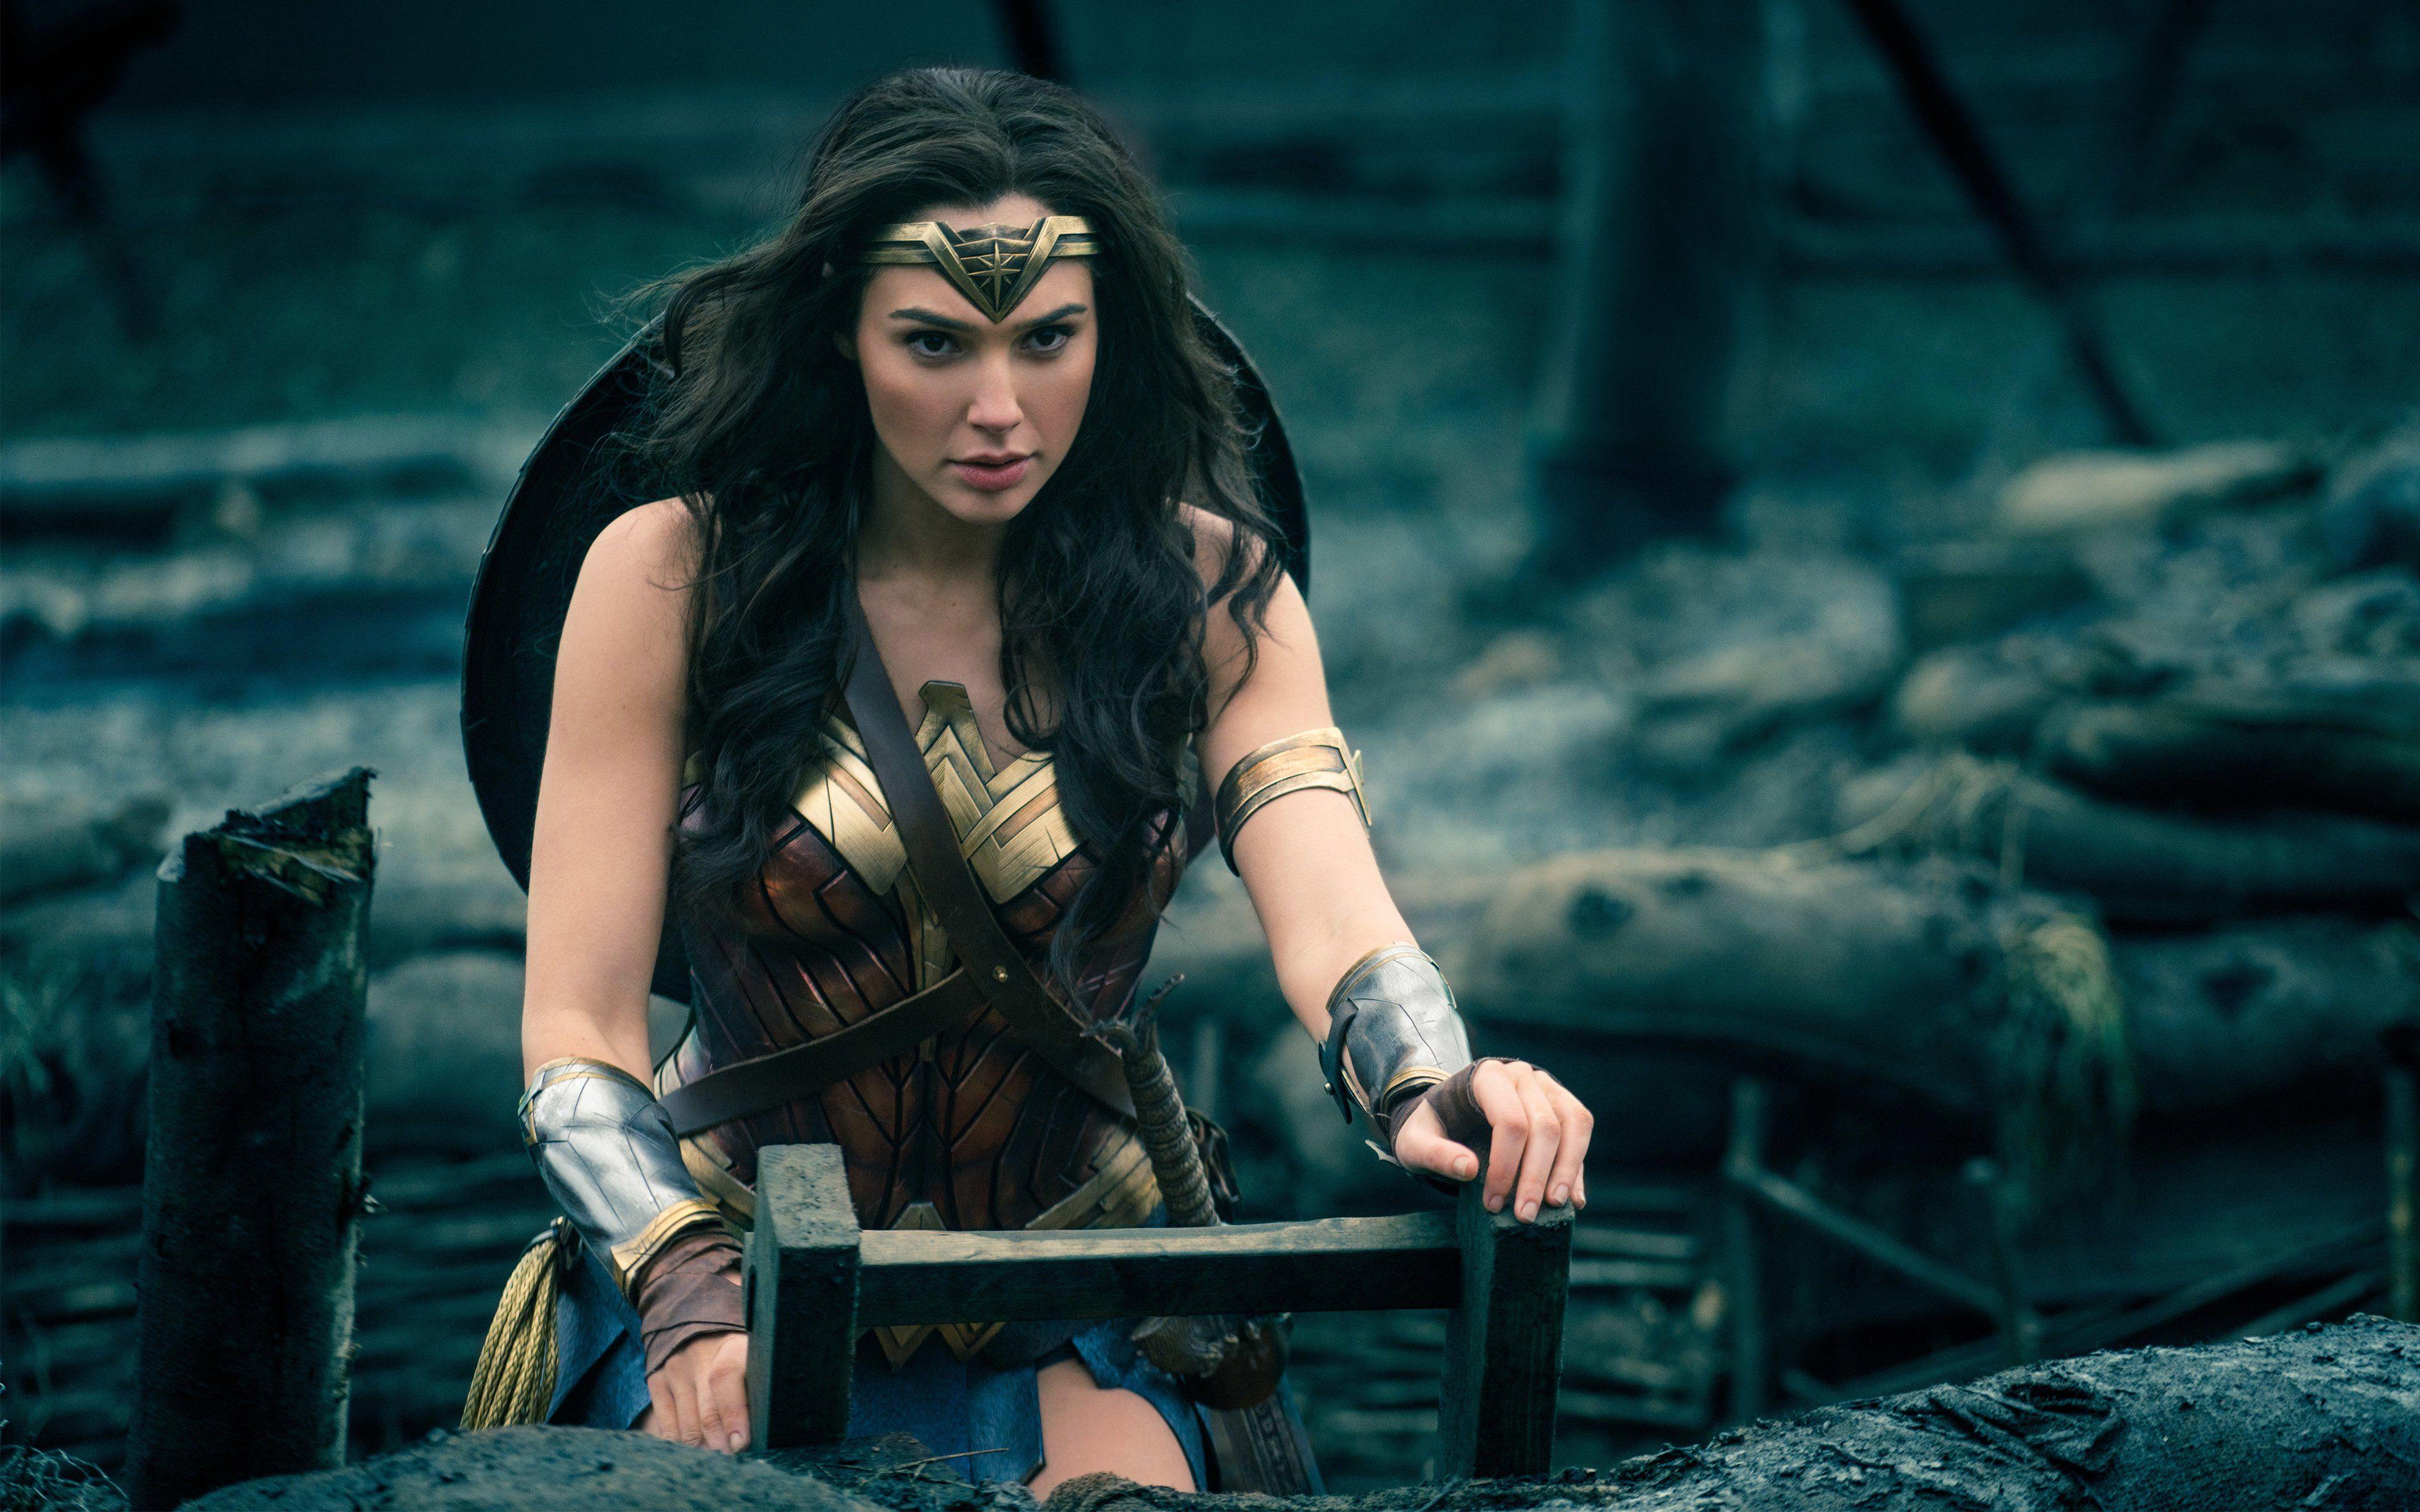 Gal Gadot as Wonder Woman 4K 8K Wallpaper